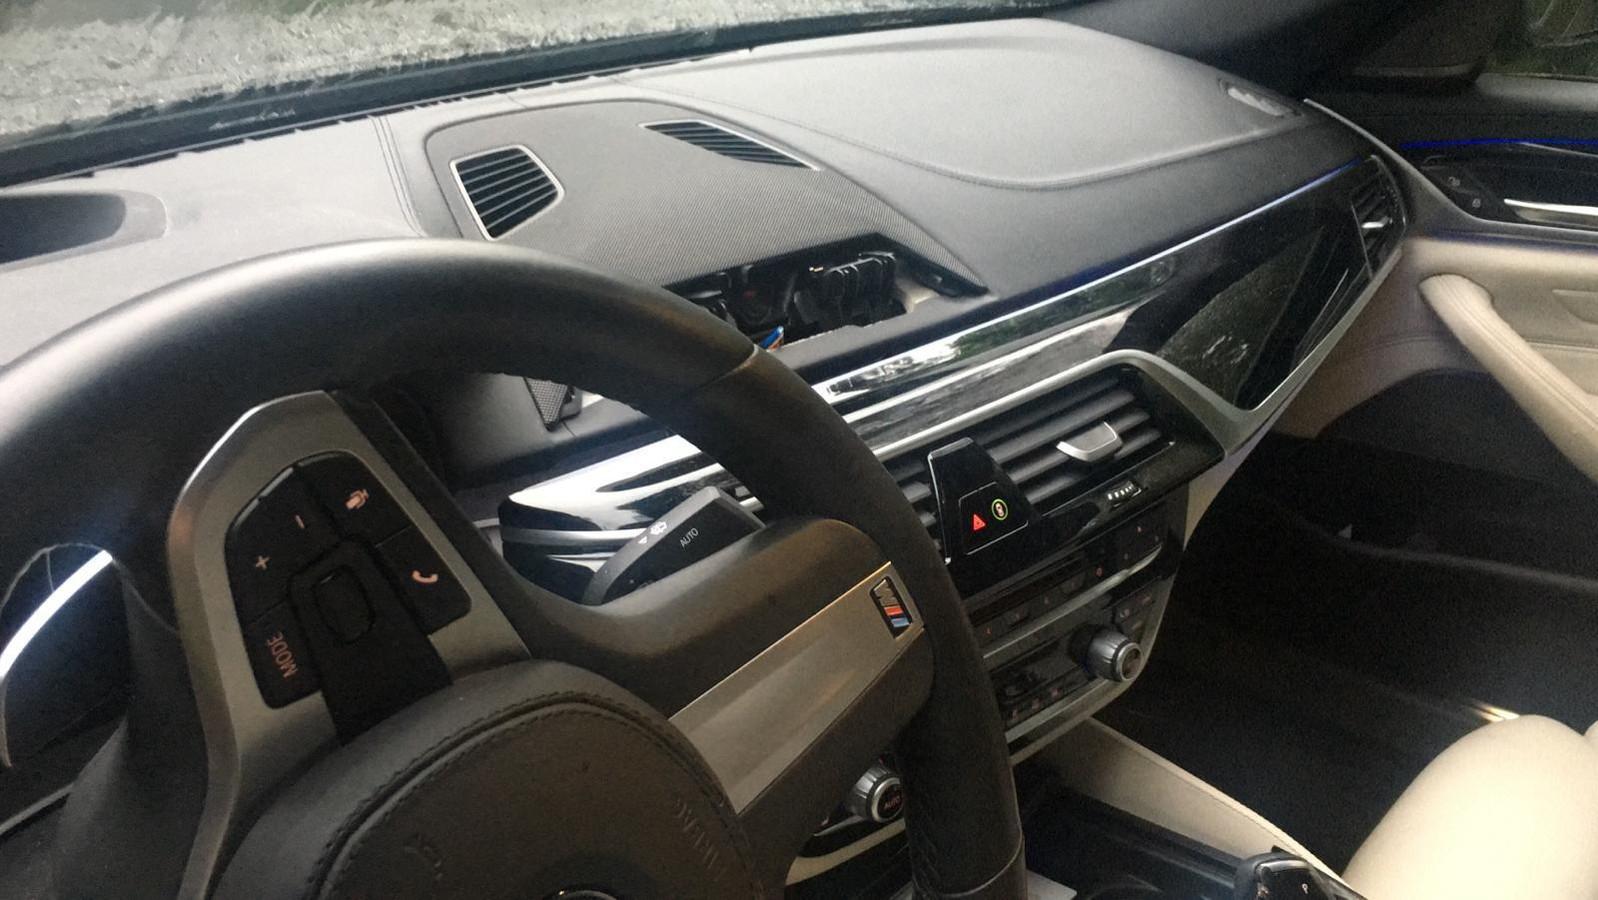 Een BMW met verwijderd navigatiesysteem.